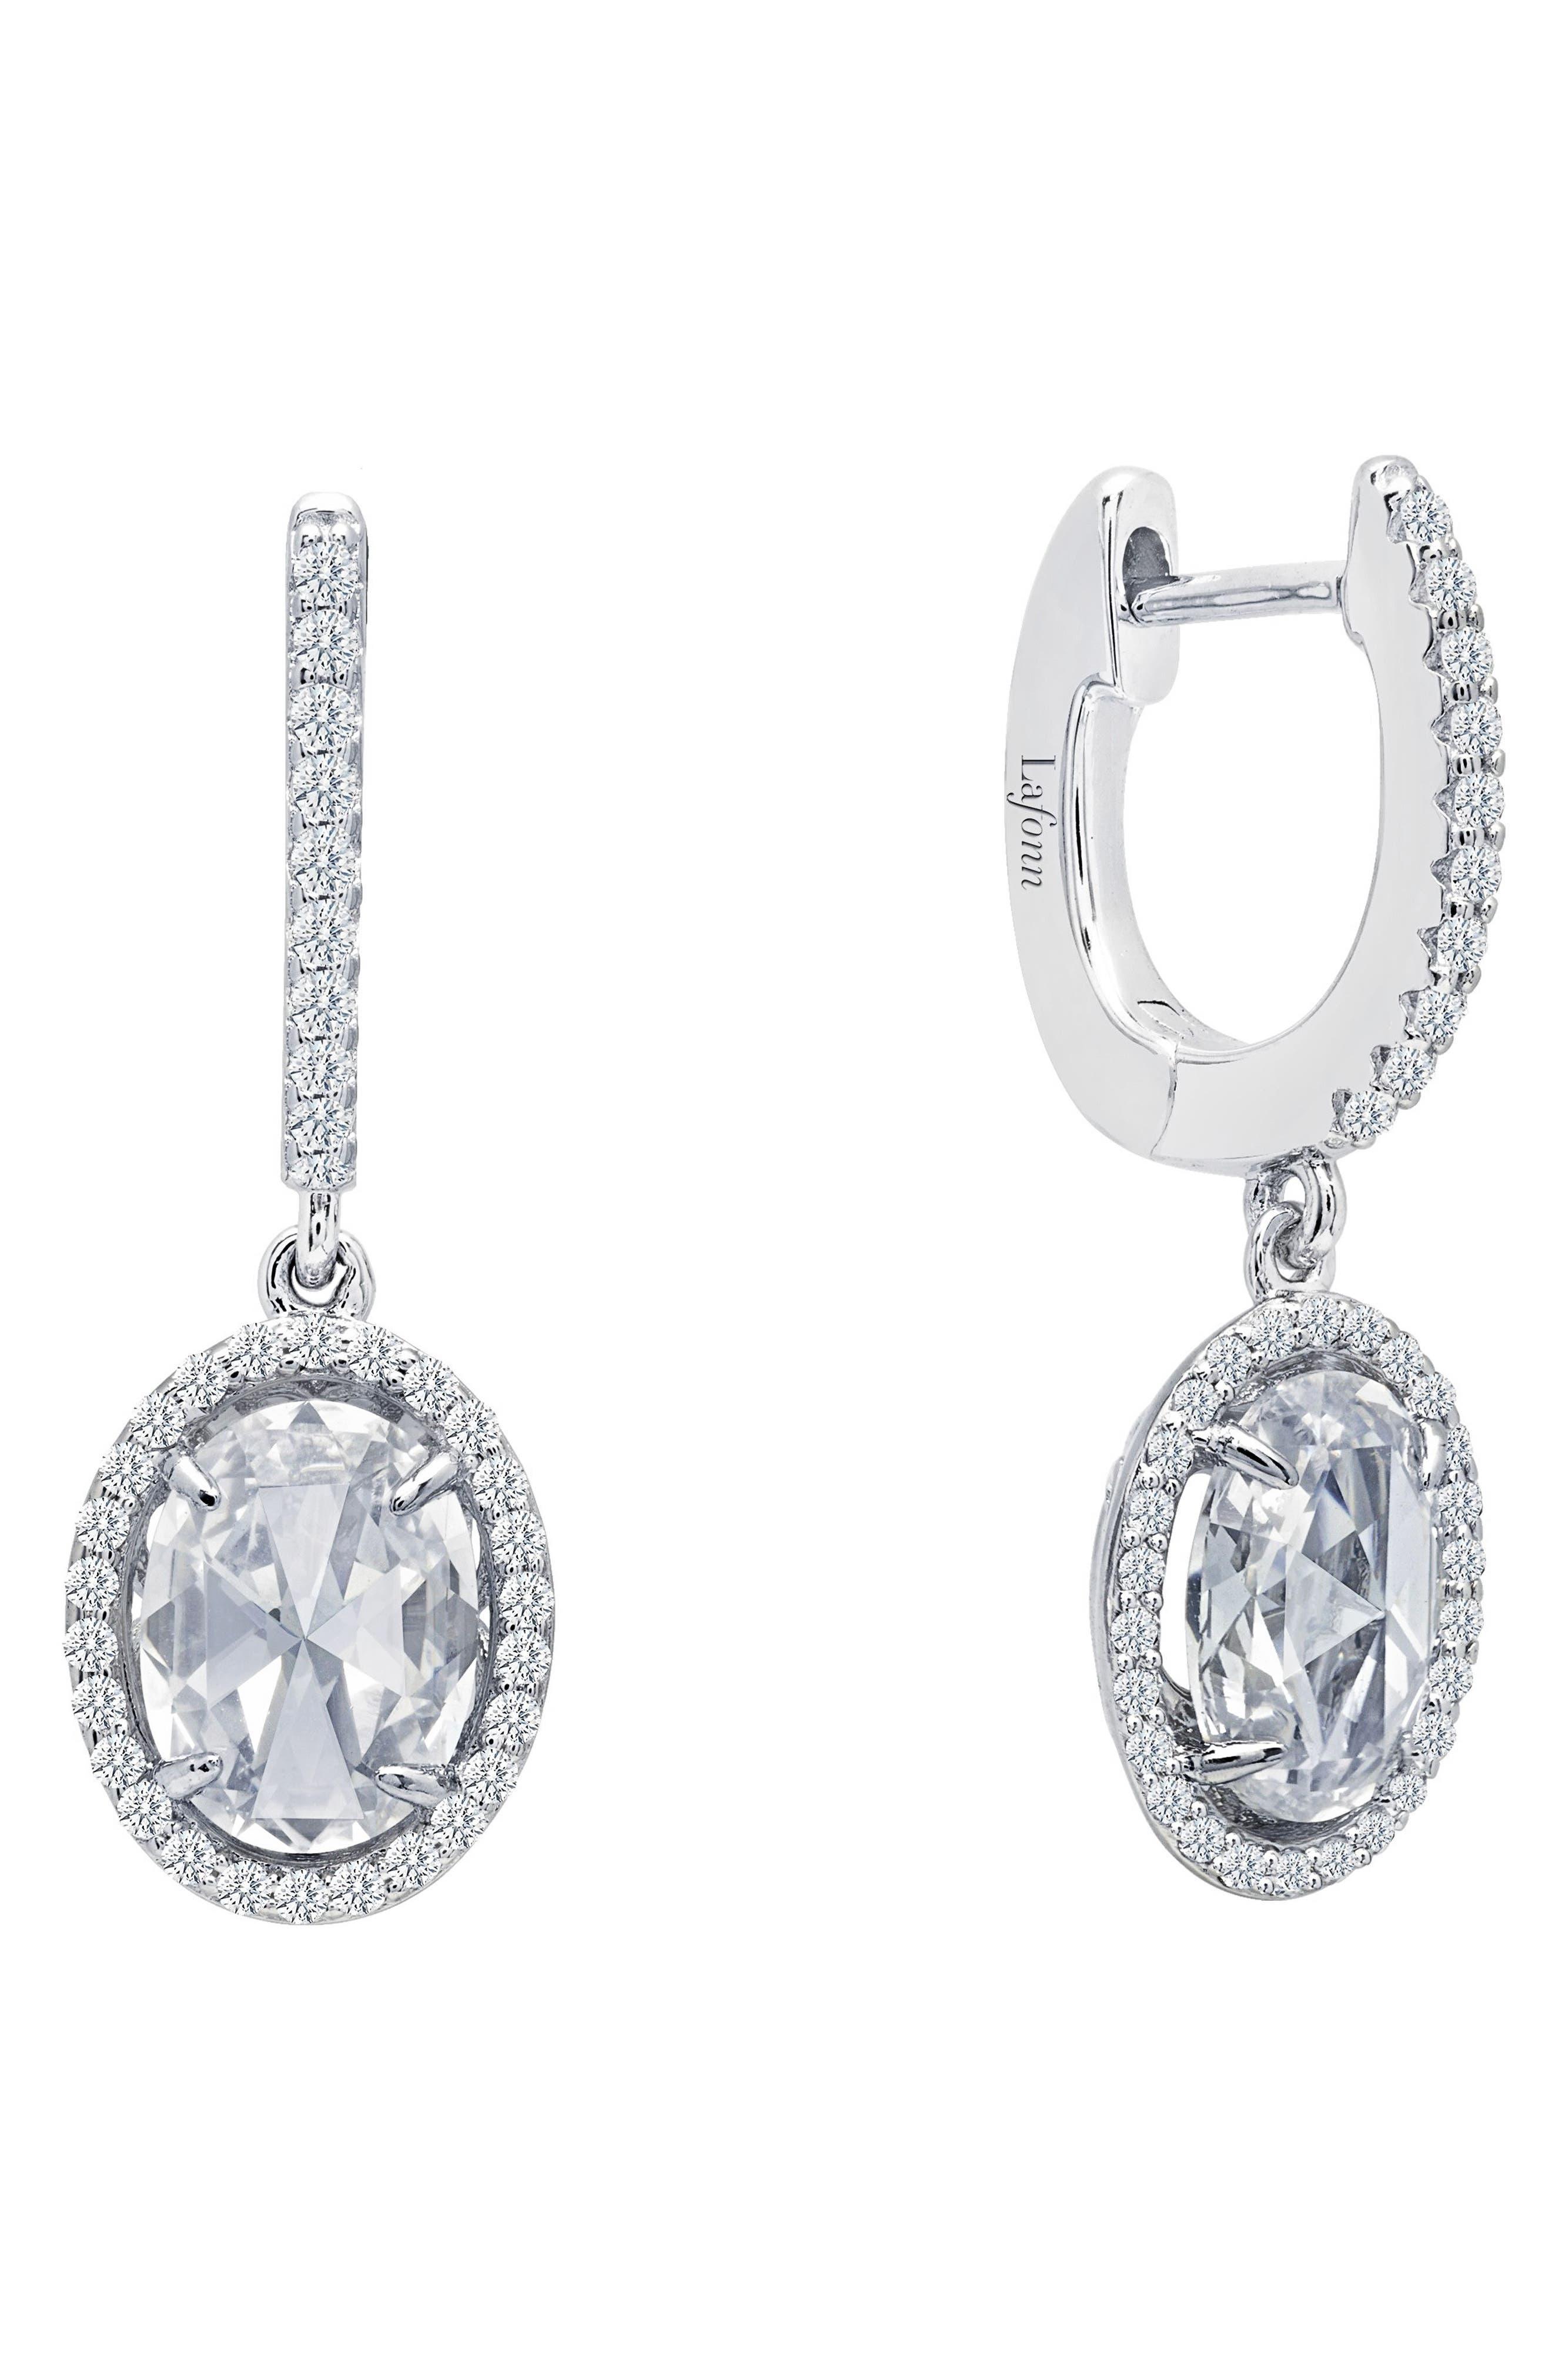 Simulated Diamond Drop Earrings,                             Main thumbnail 1, color,                             040